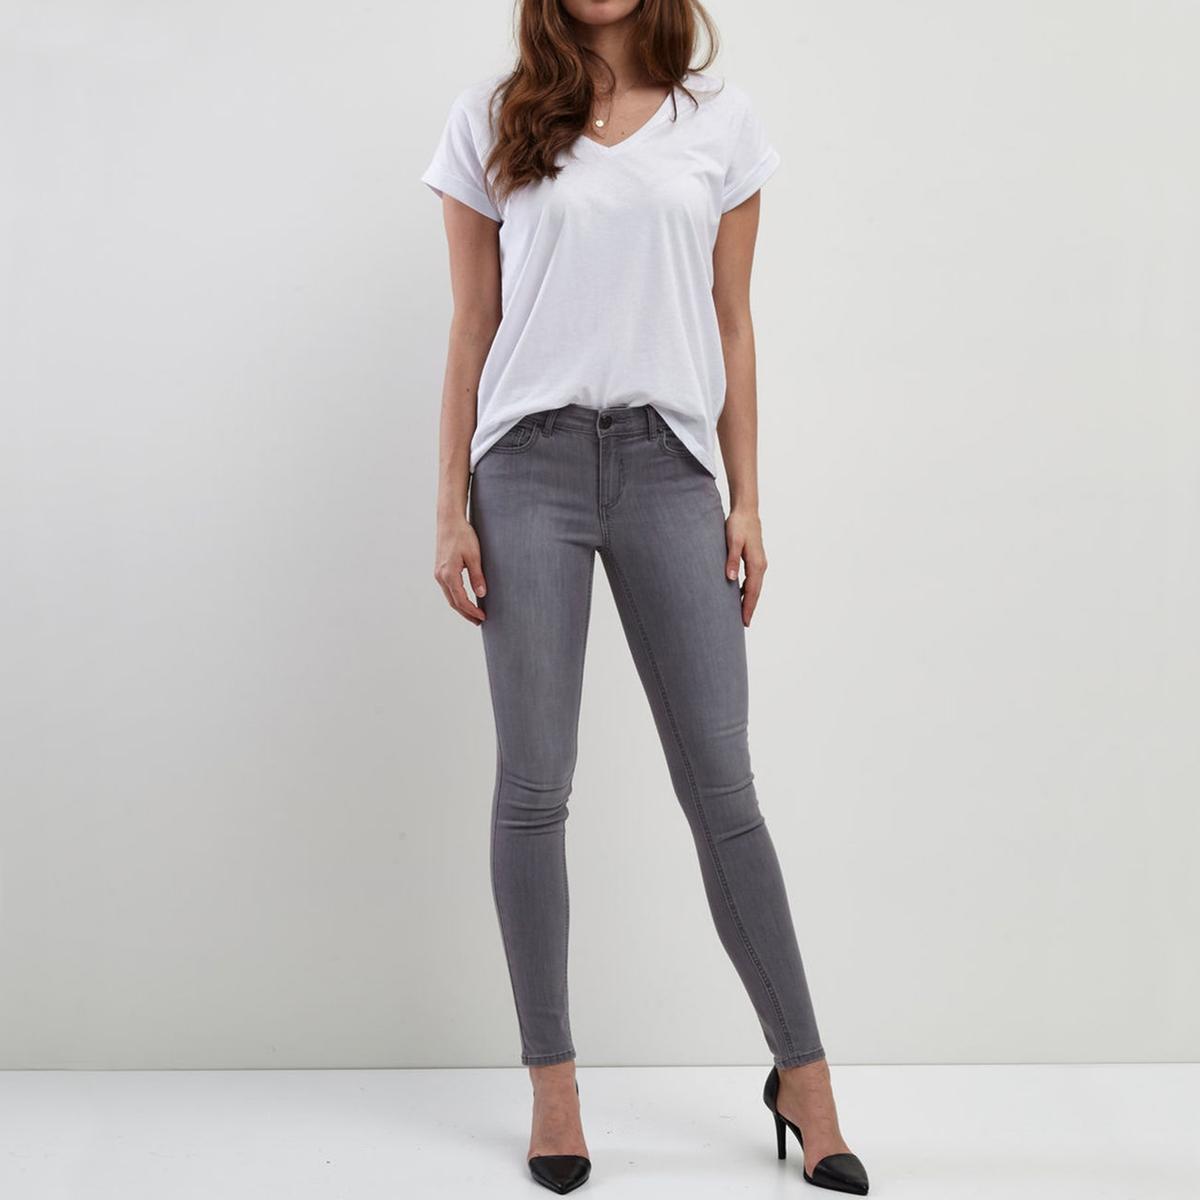 Джинсы узкие со стандартной талиейМатериал :3% вискозы, 68% хлопка, 2% эластана, 27% полиэстера   Высота пояса : стандартная Покрой джинсов : узкий Длина джинсов : длина 32<br><br>Цвет: светло-серый